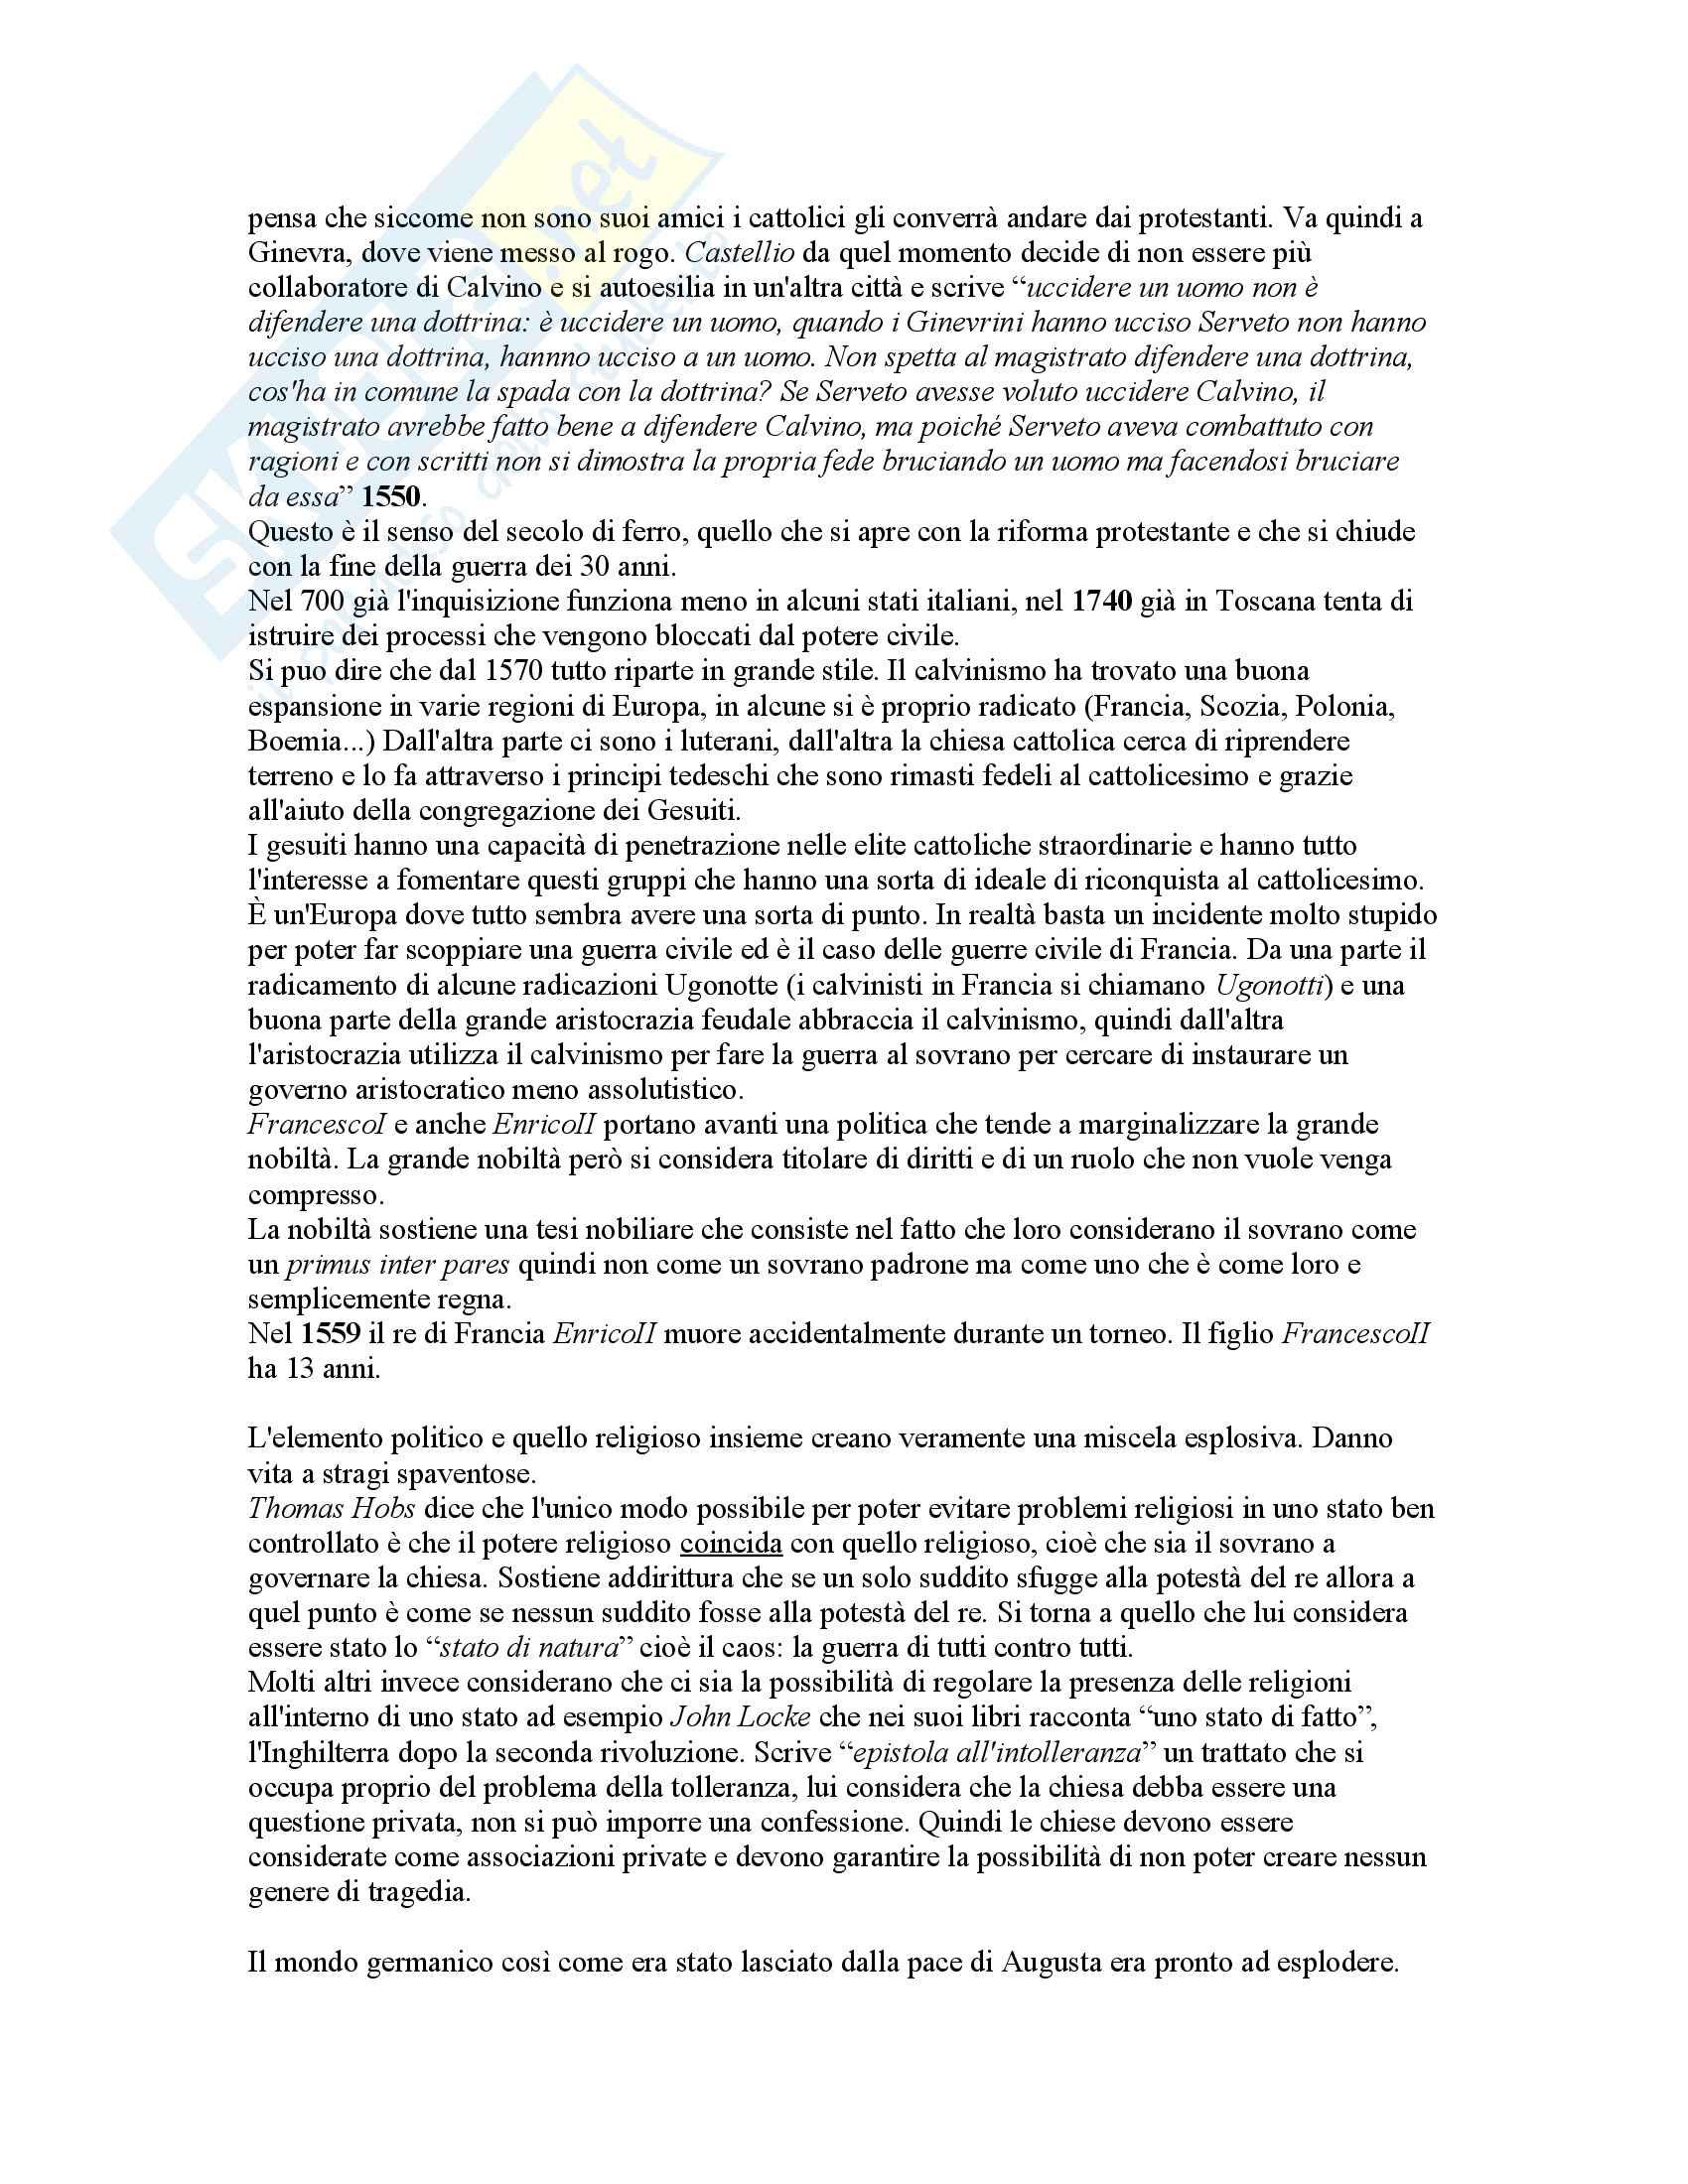 Appunti storia moderna 1 Pag. 41